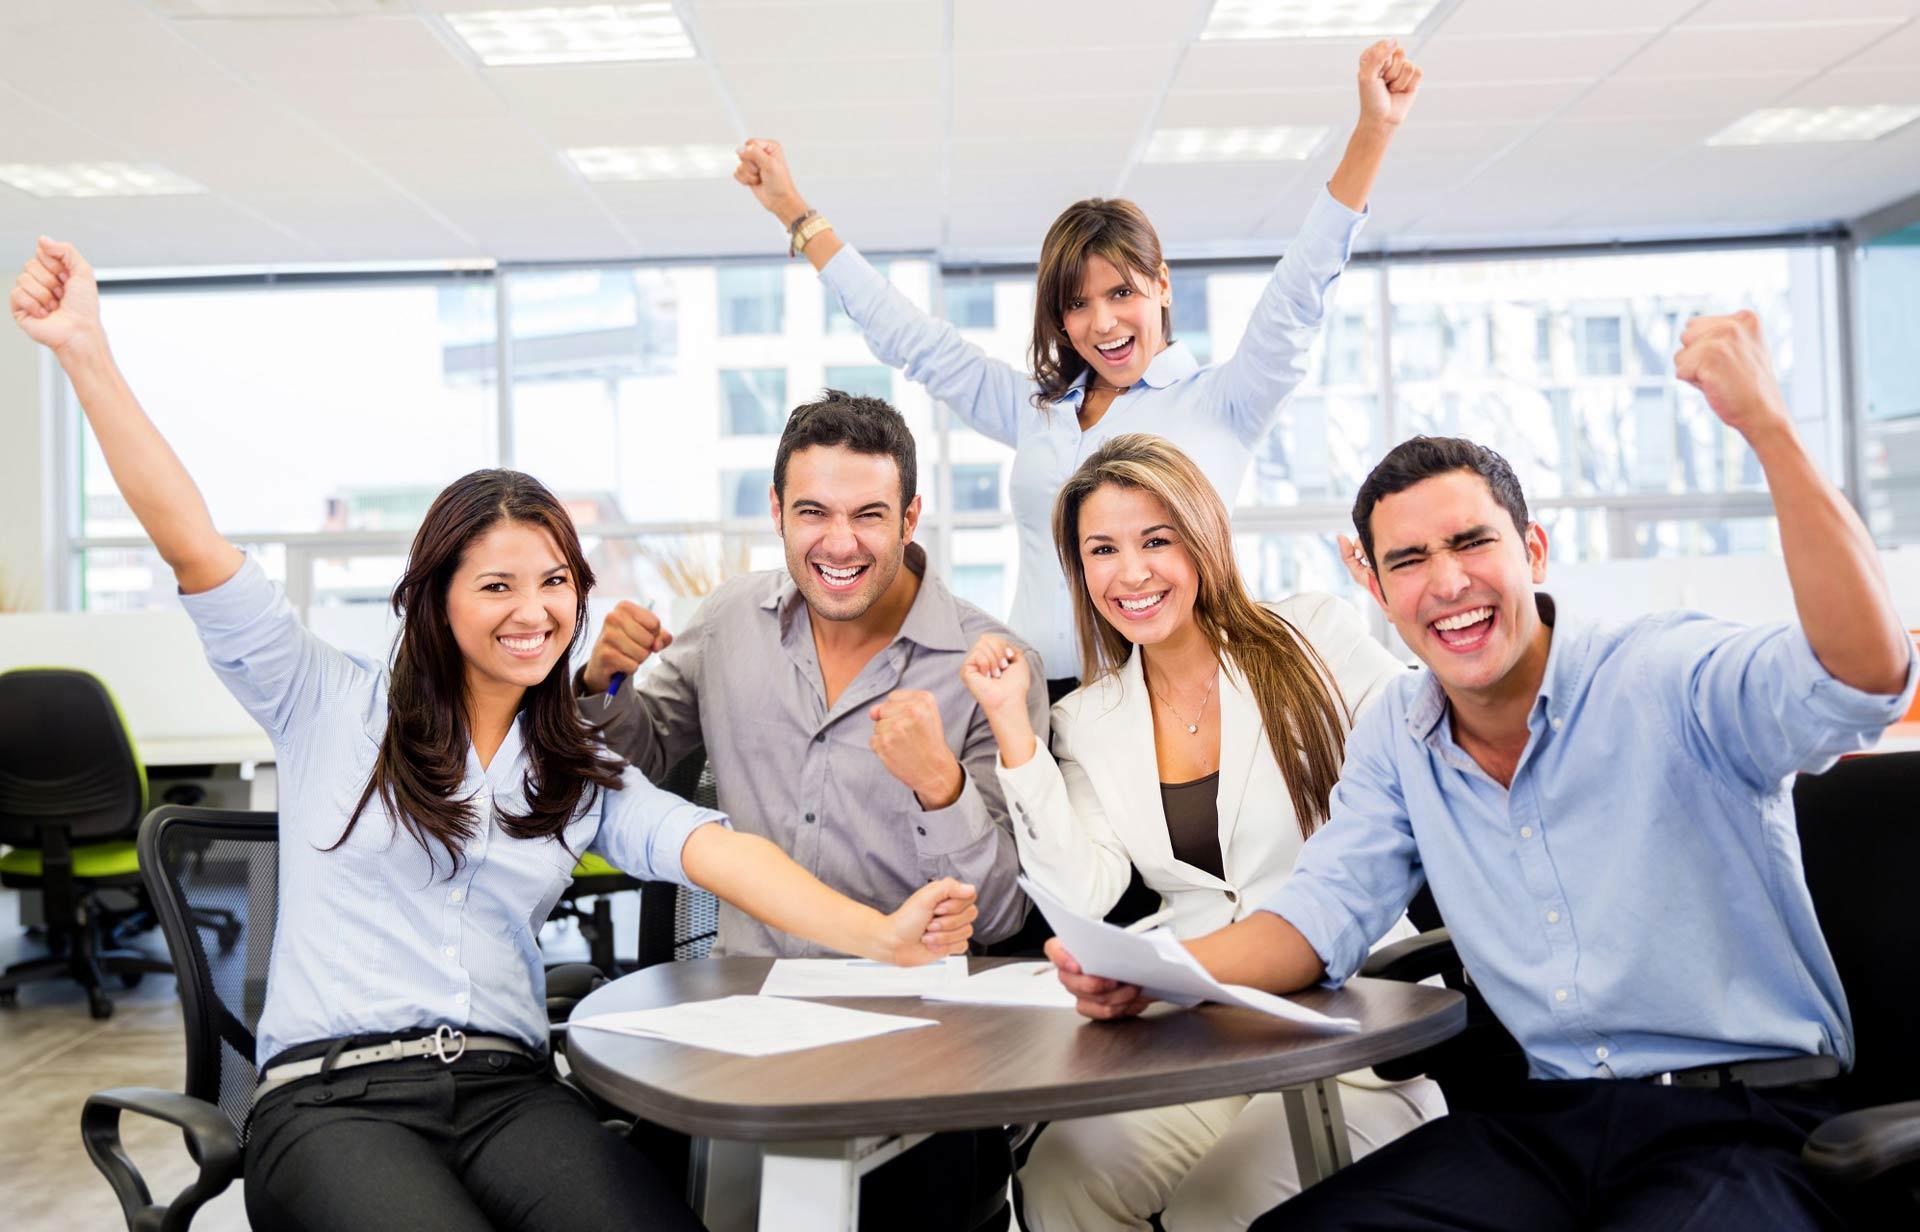 Бесплатный вебинар: От «ничего не хочется» до радости от результатов. Как достигать своих целей с удовольствием?